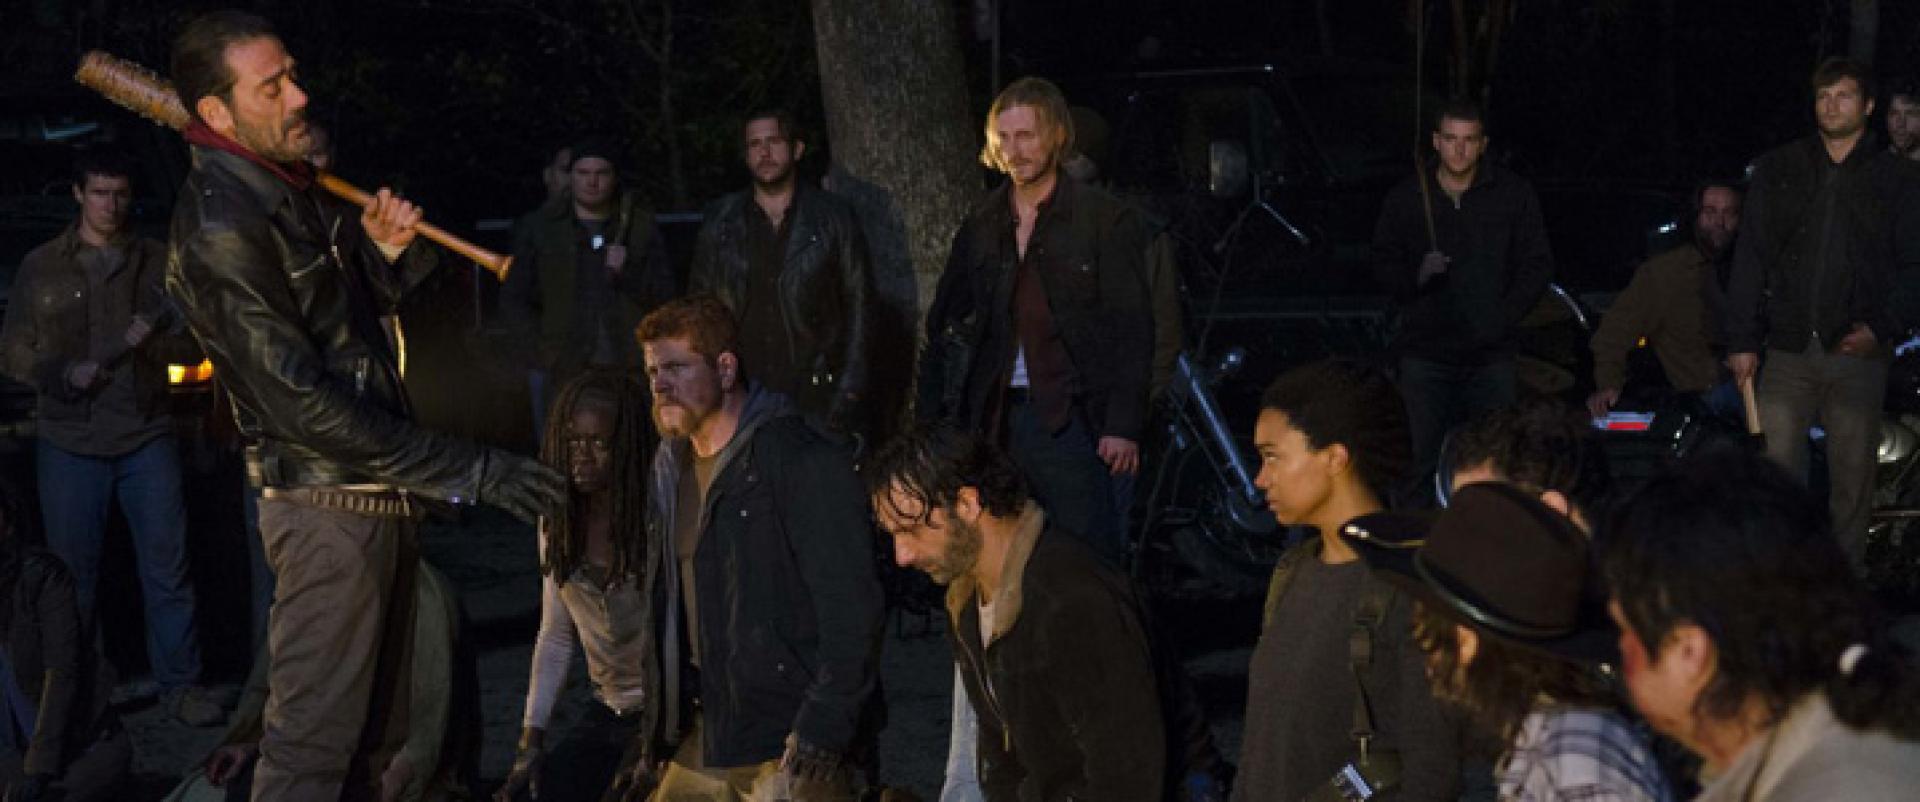 The Walking Dead, 7. évad: az első kép